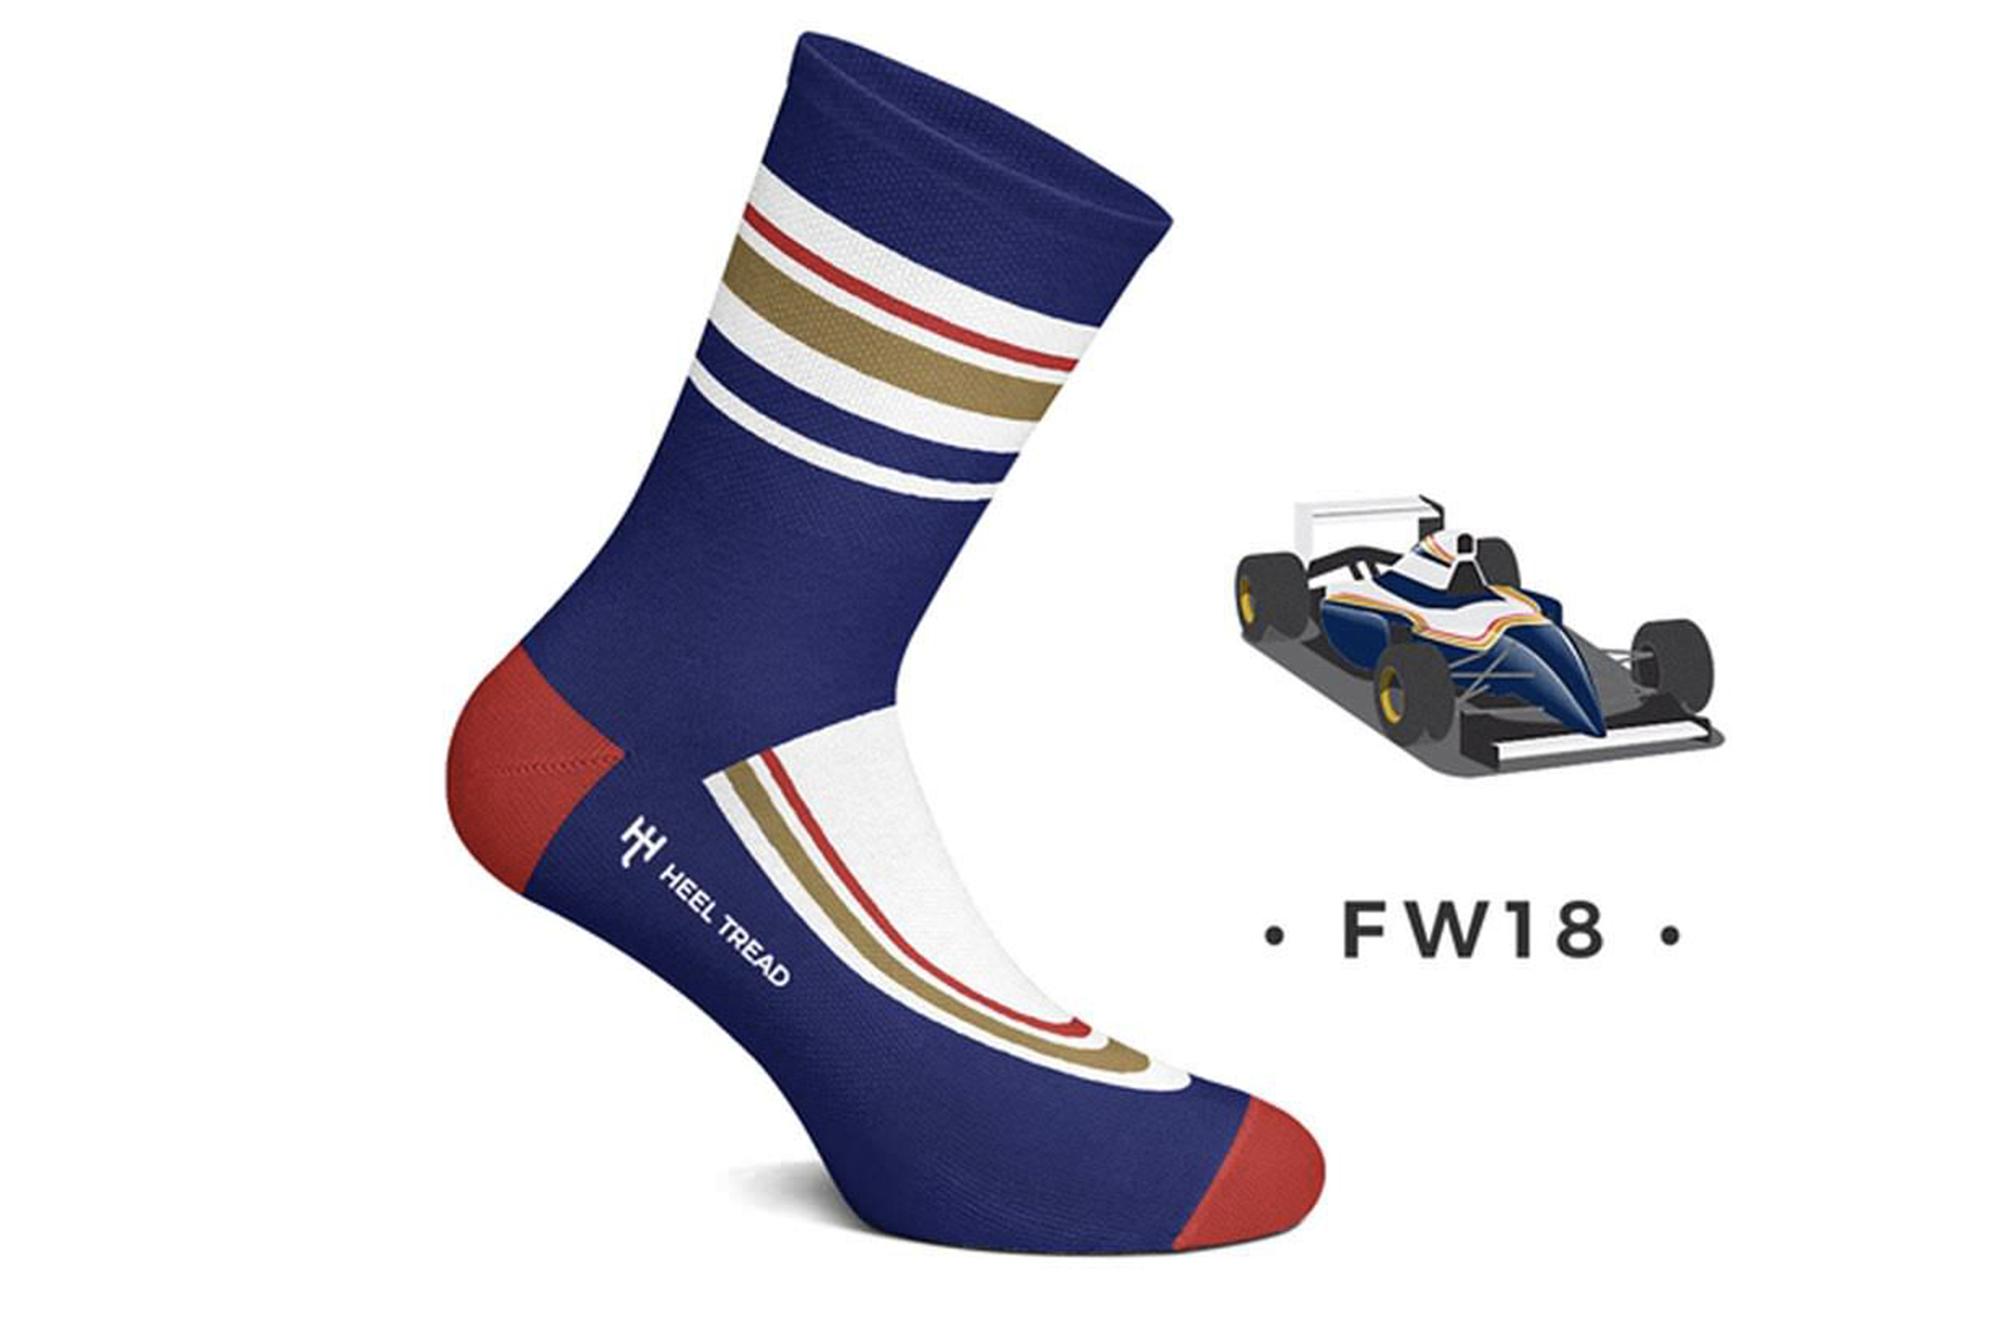 Heel Tread Williams socks